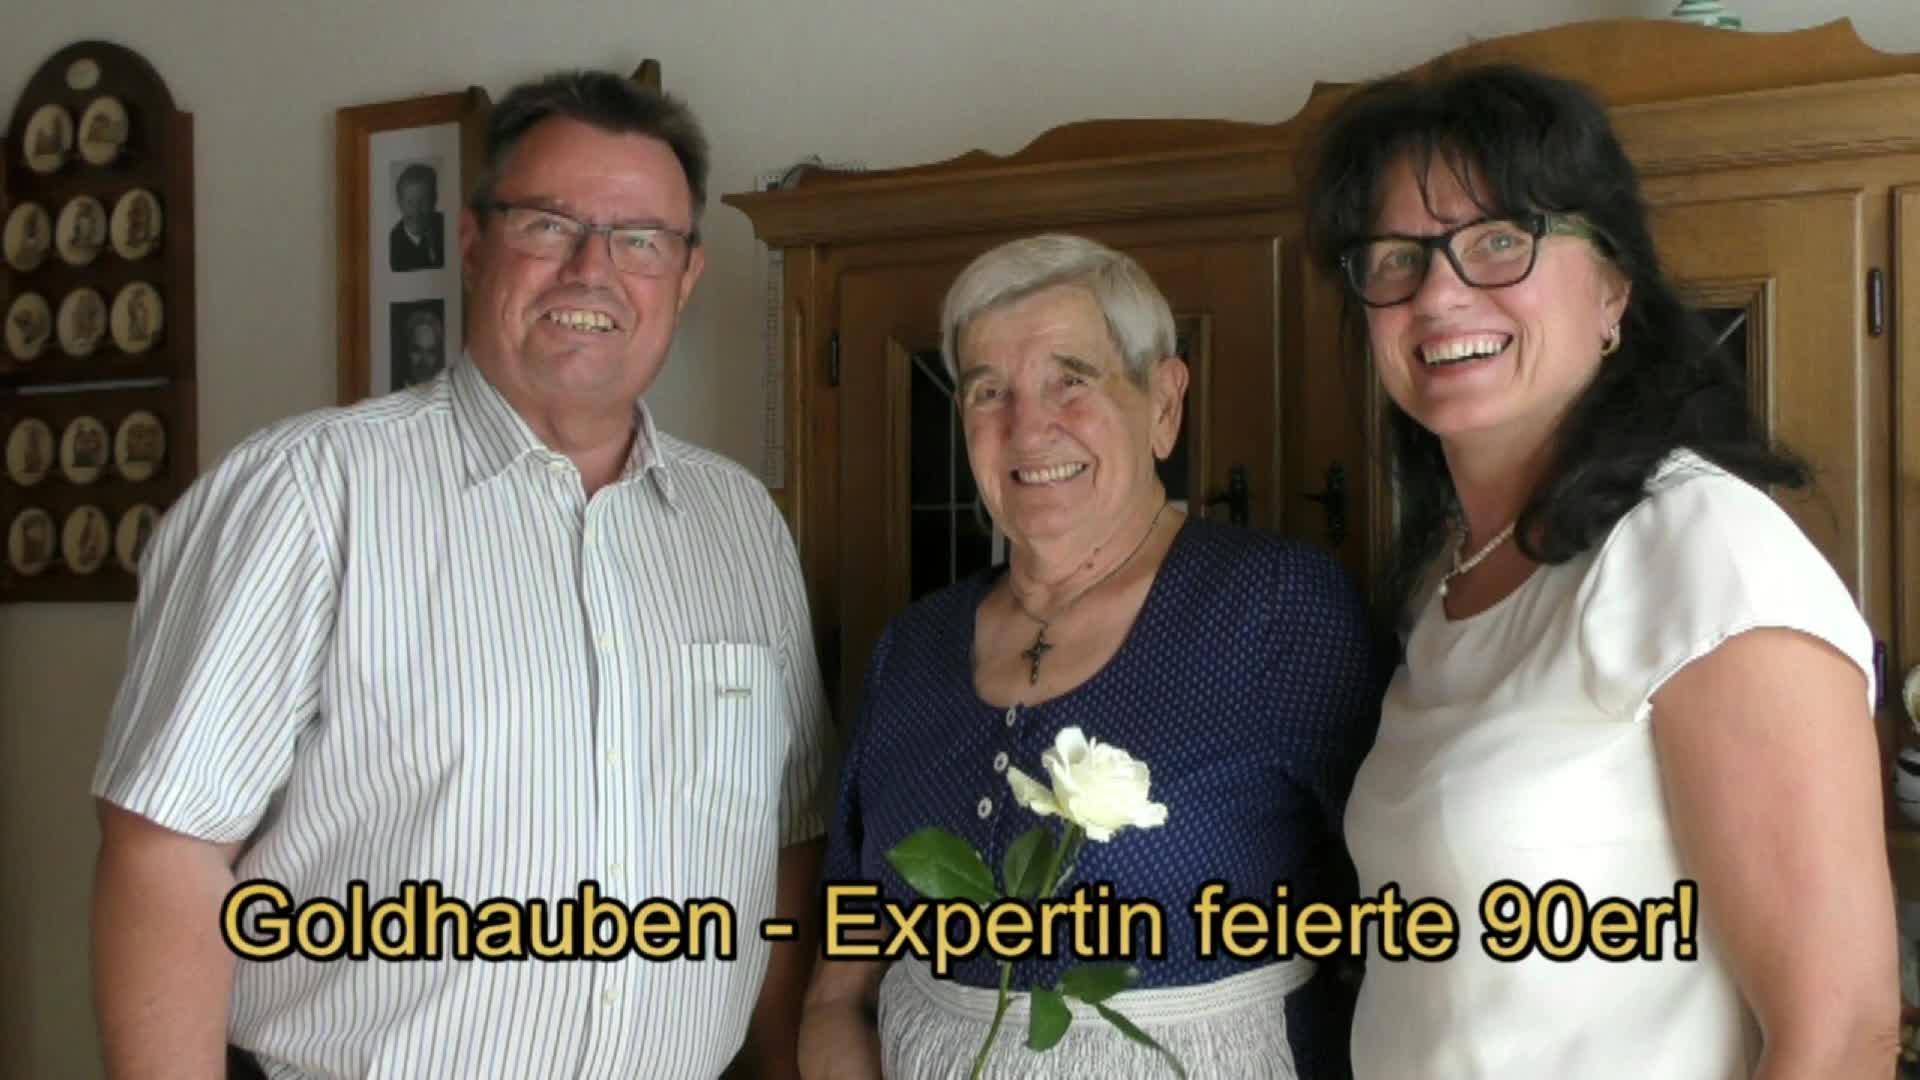 Goldhauben - Expertin feierte 90er!